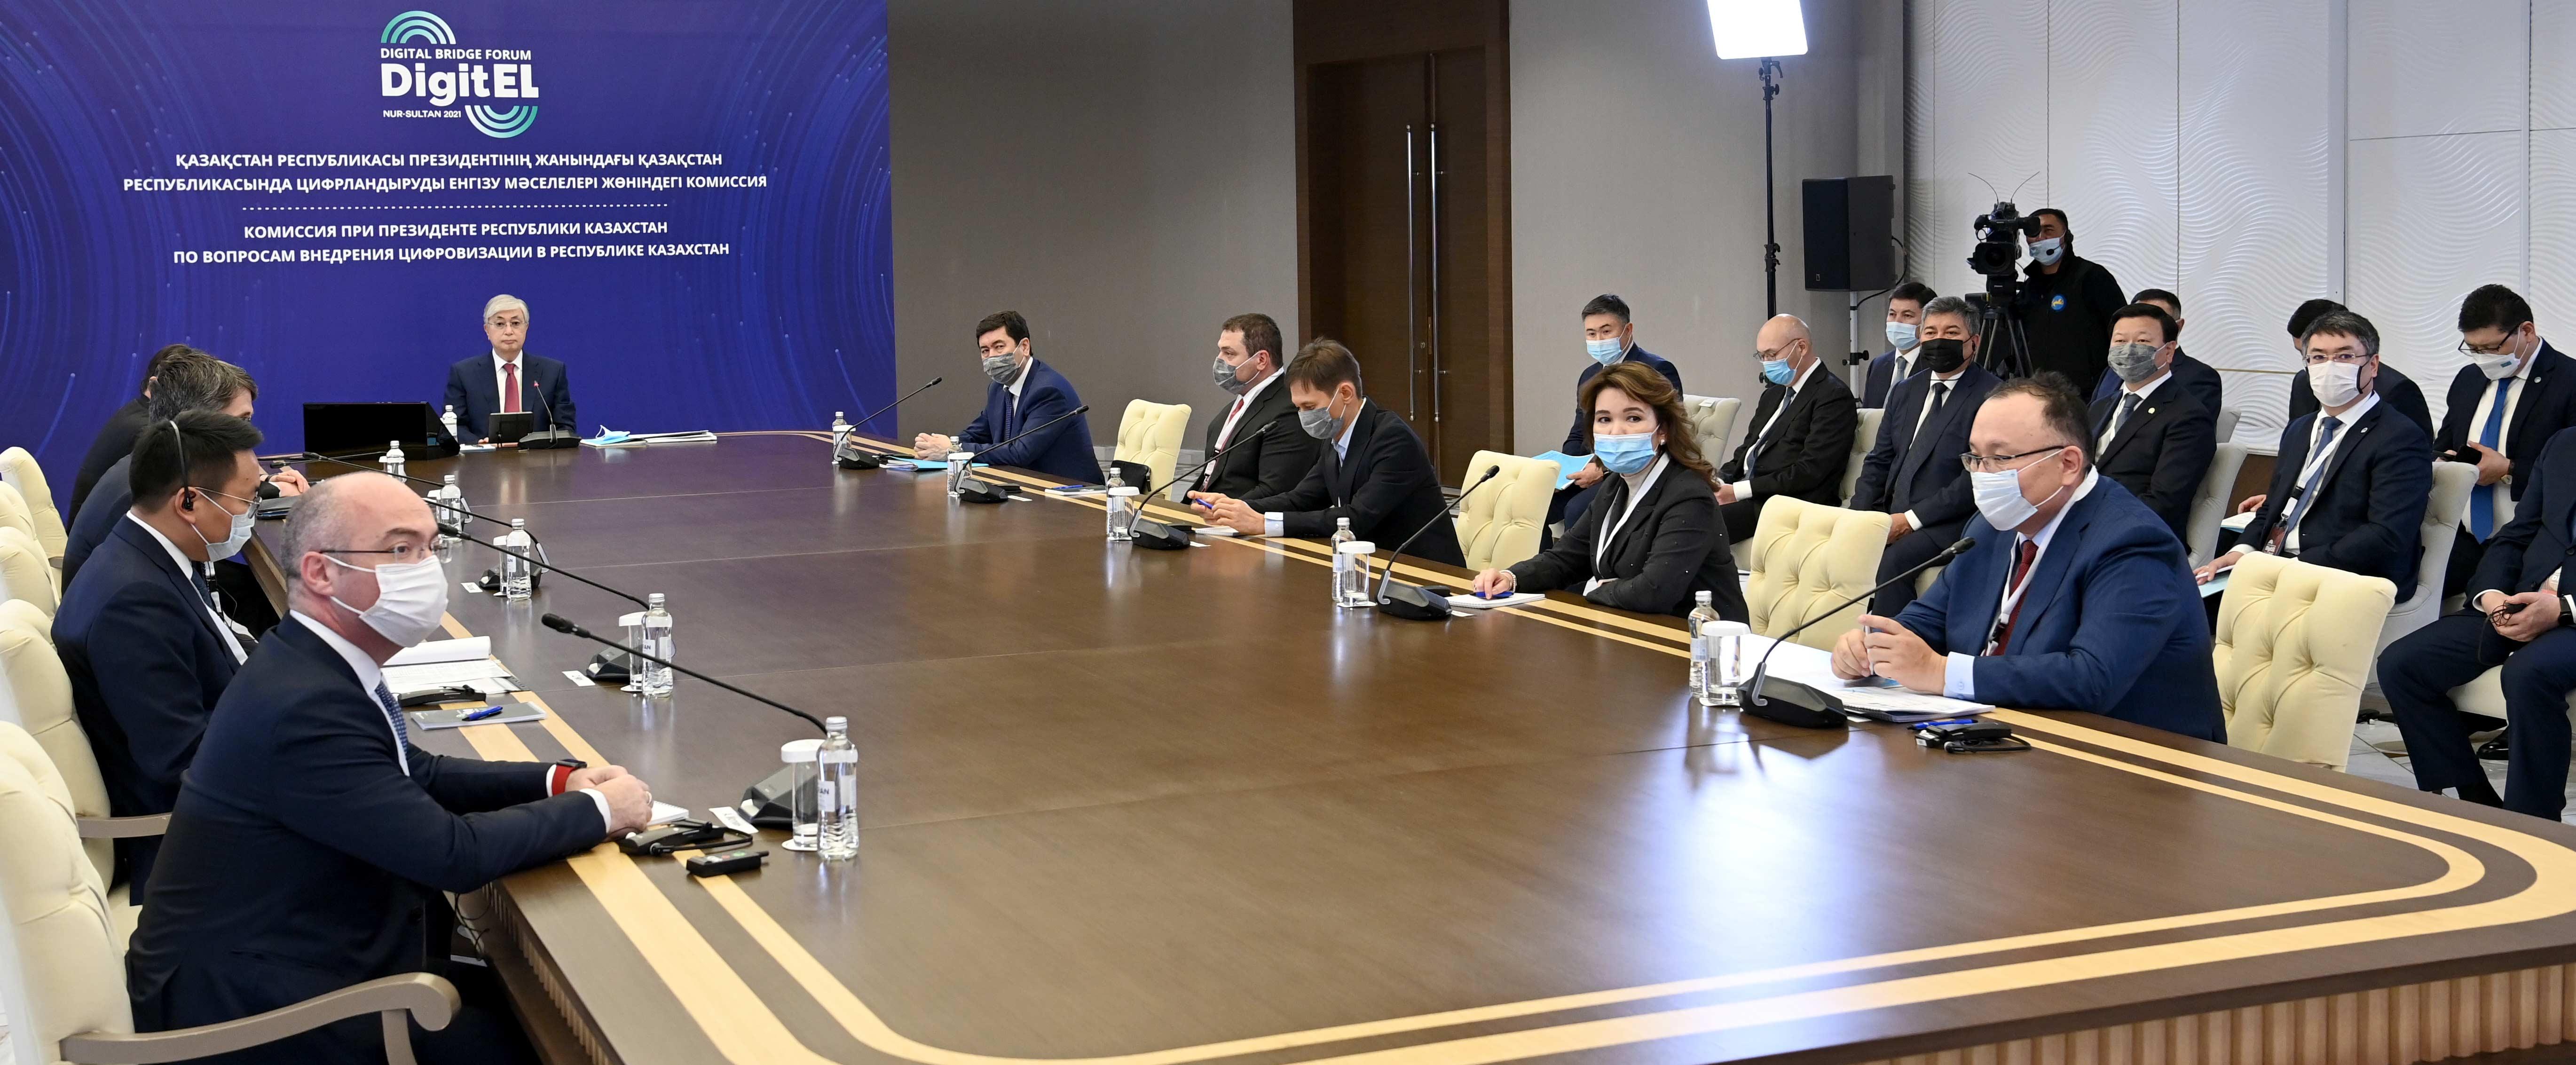 Глава государства высказал недовольство качеством интернета и связи в стране